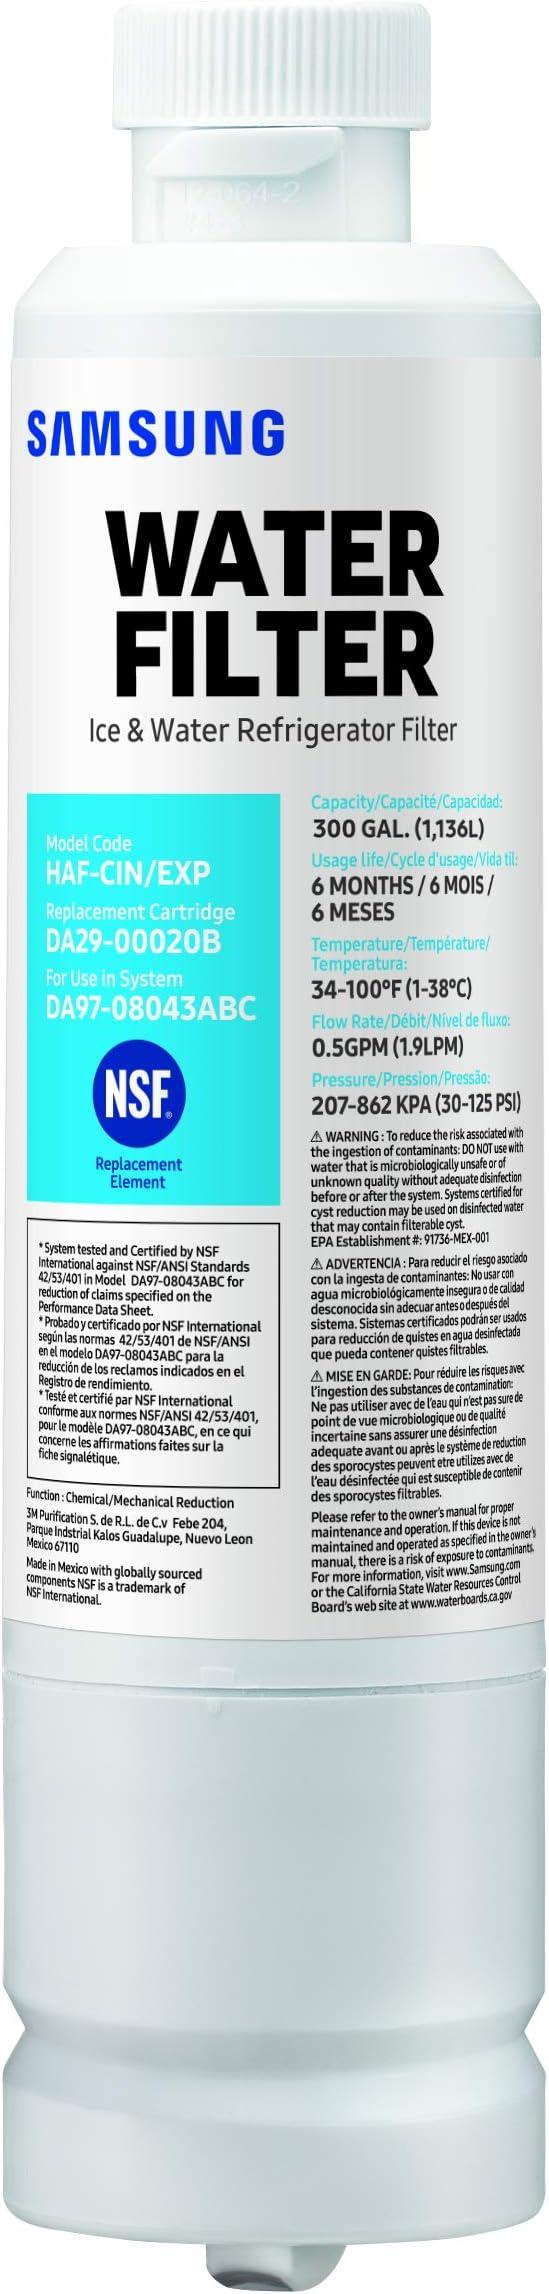 Authentique Original Equipment Manufacturer Samsung HAF-CIN #DA29-00020B Réfrigérateur Filtre à eau. NEW /& Fresh